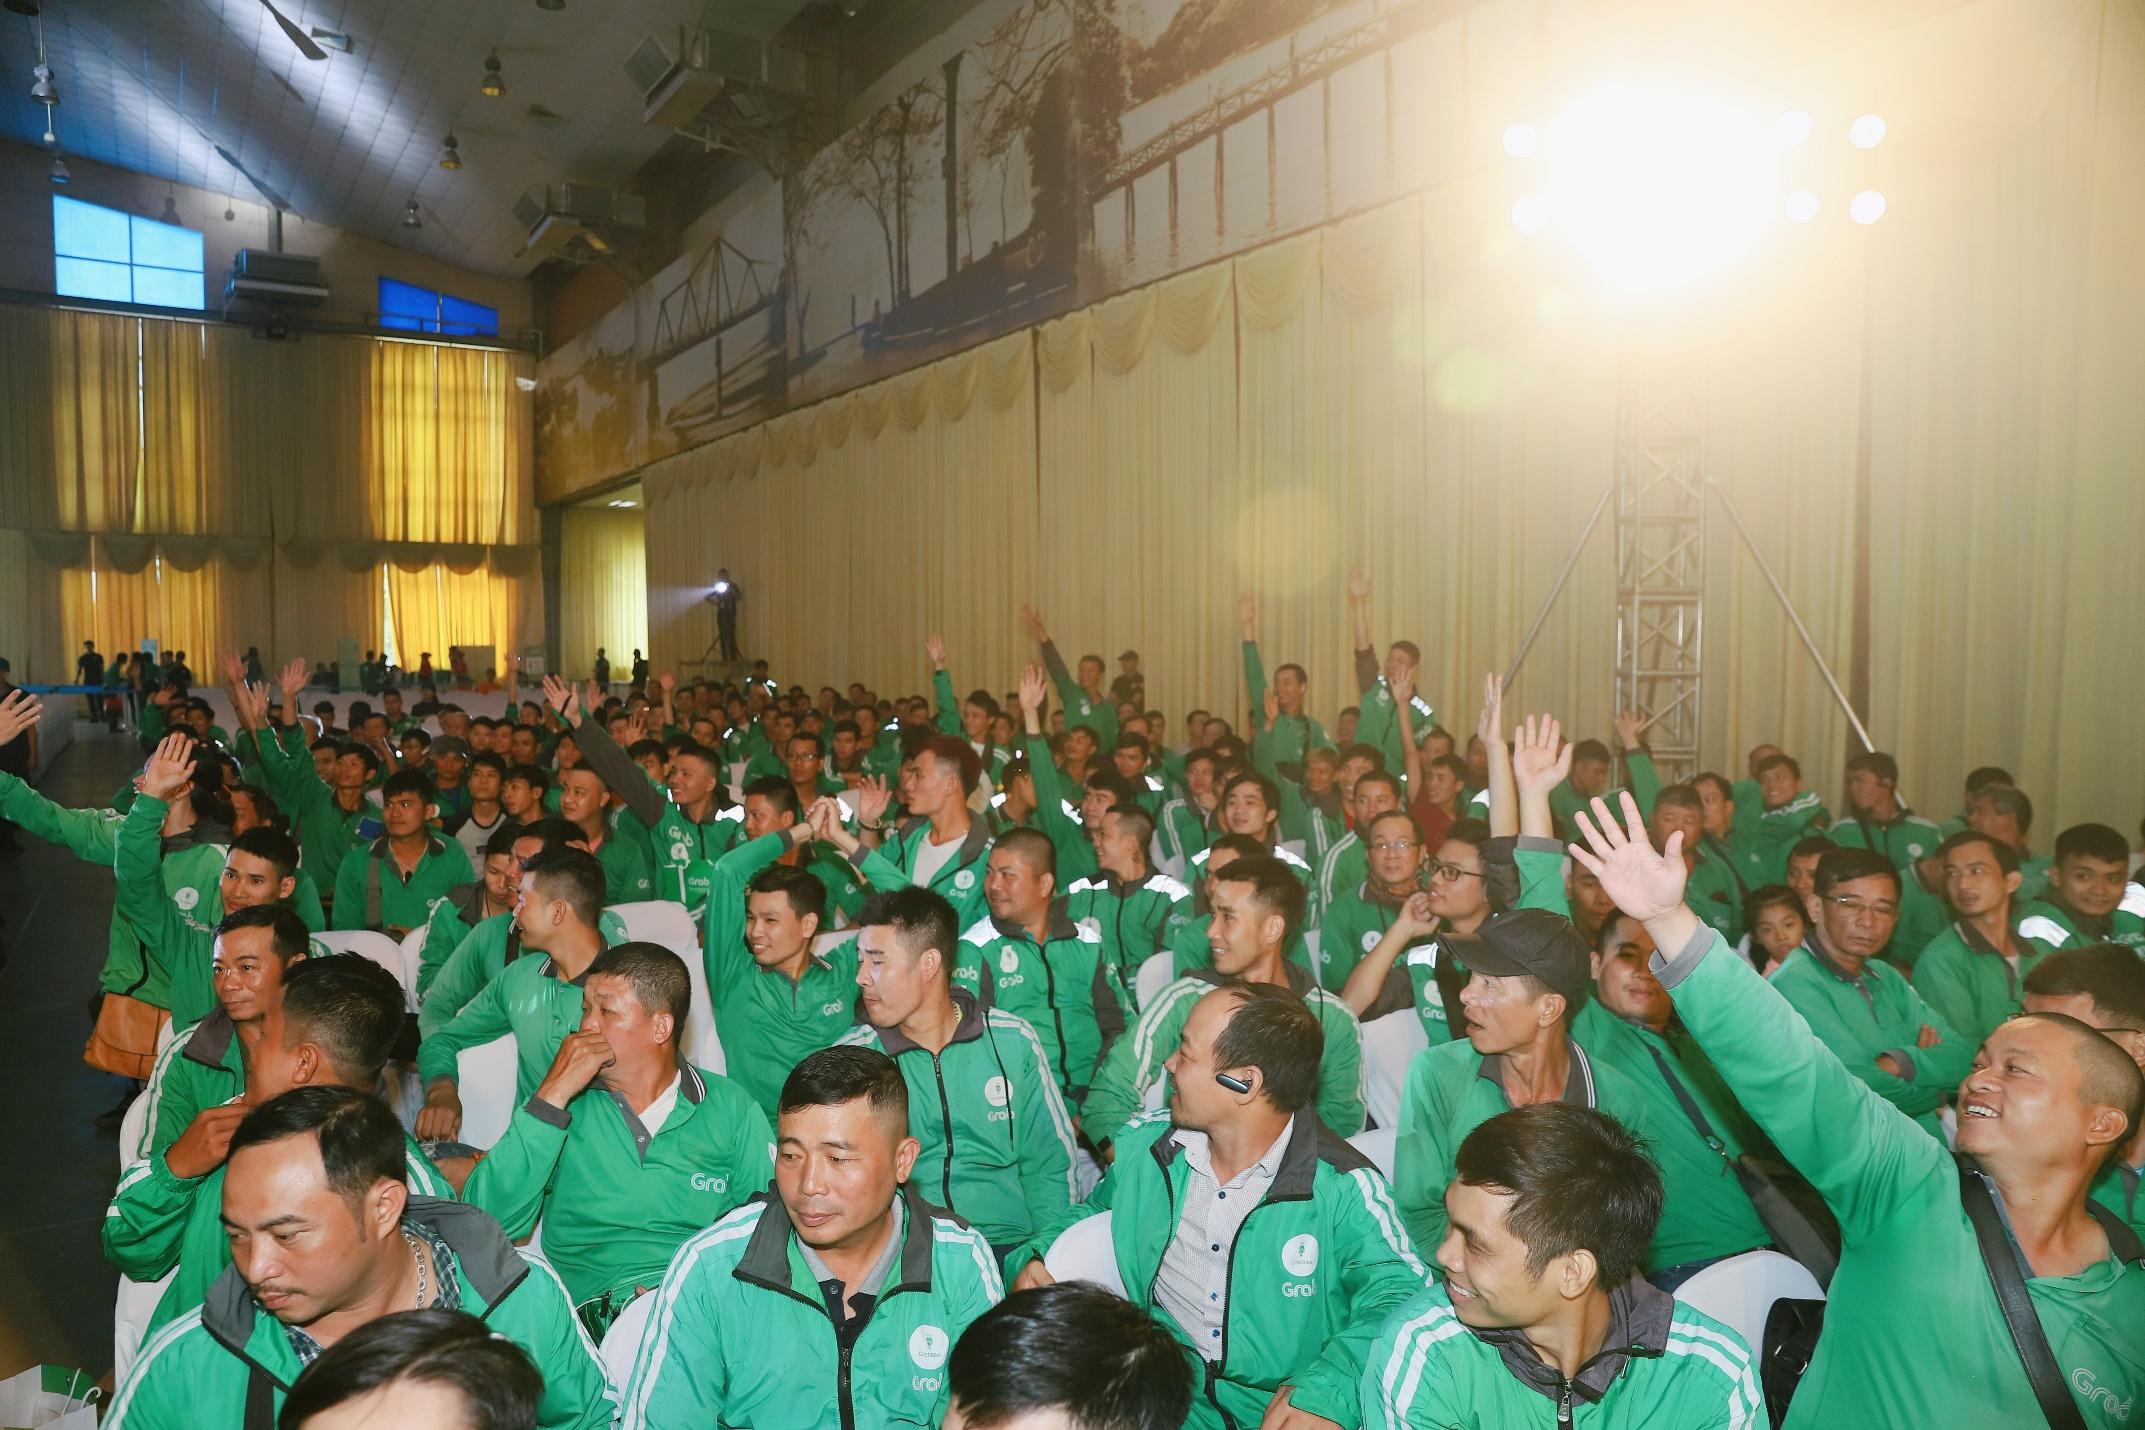 Hà Nội: Mặc mưa bão, Ngày hội tài xế công nghệ vẫn quy tụ hàng ngàn người tham gia - Ảnh 2.